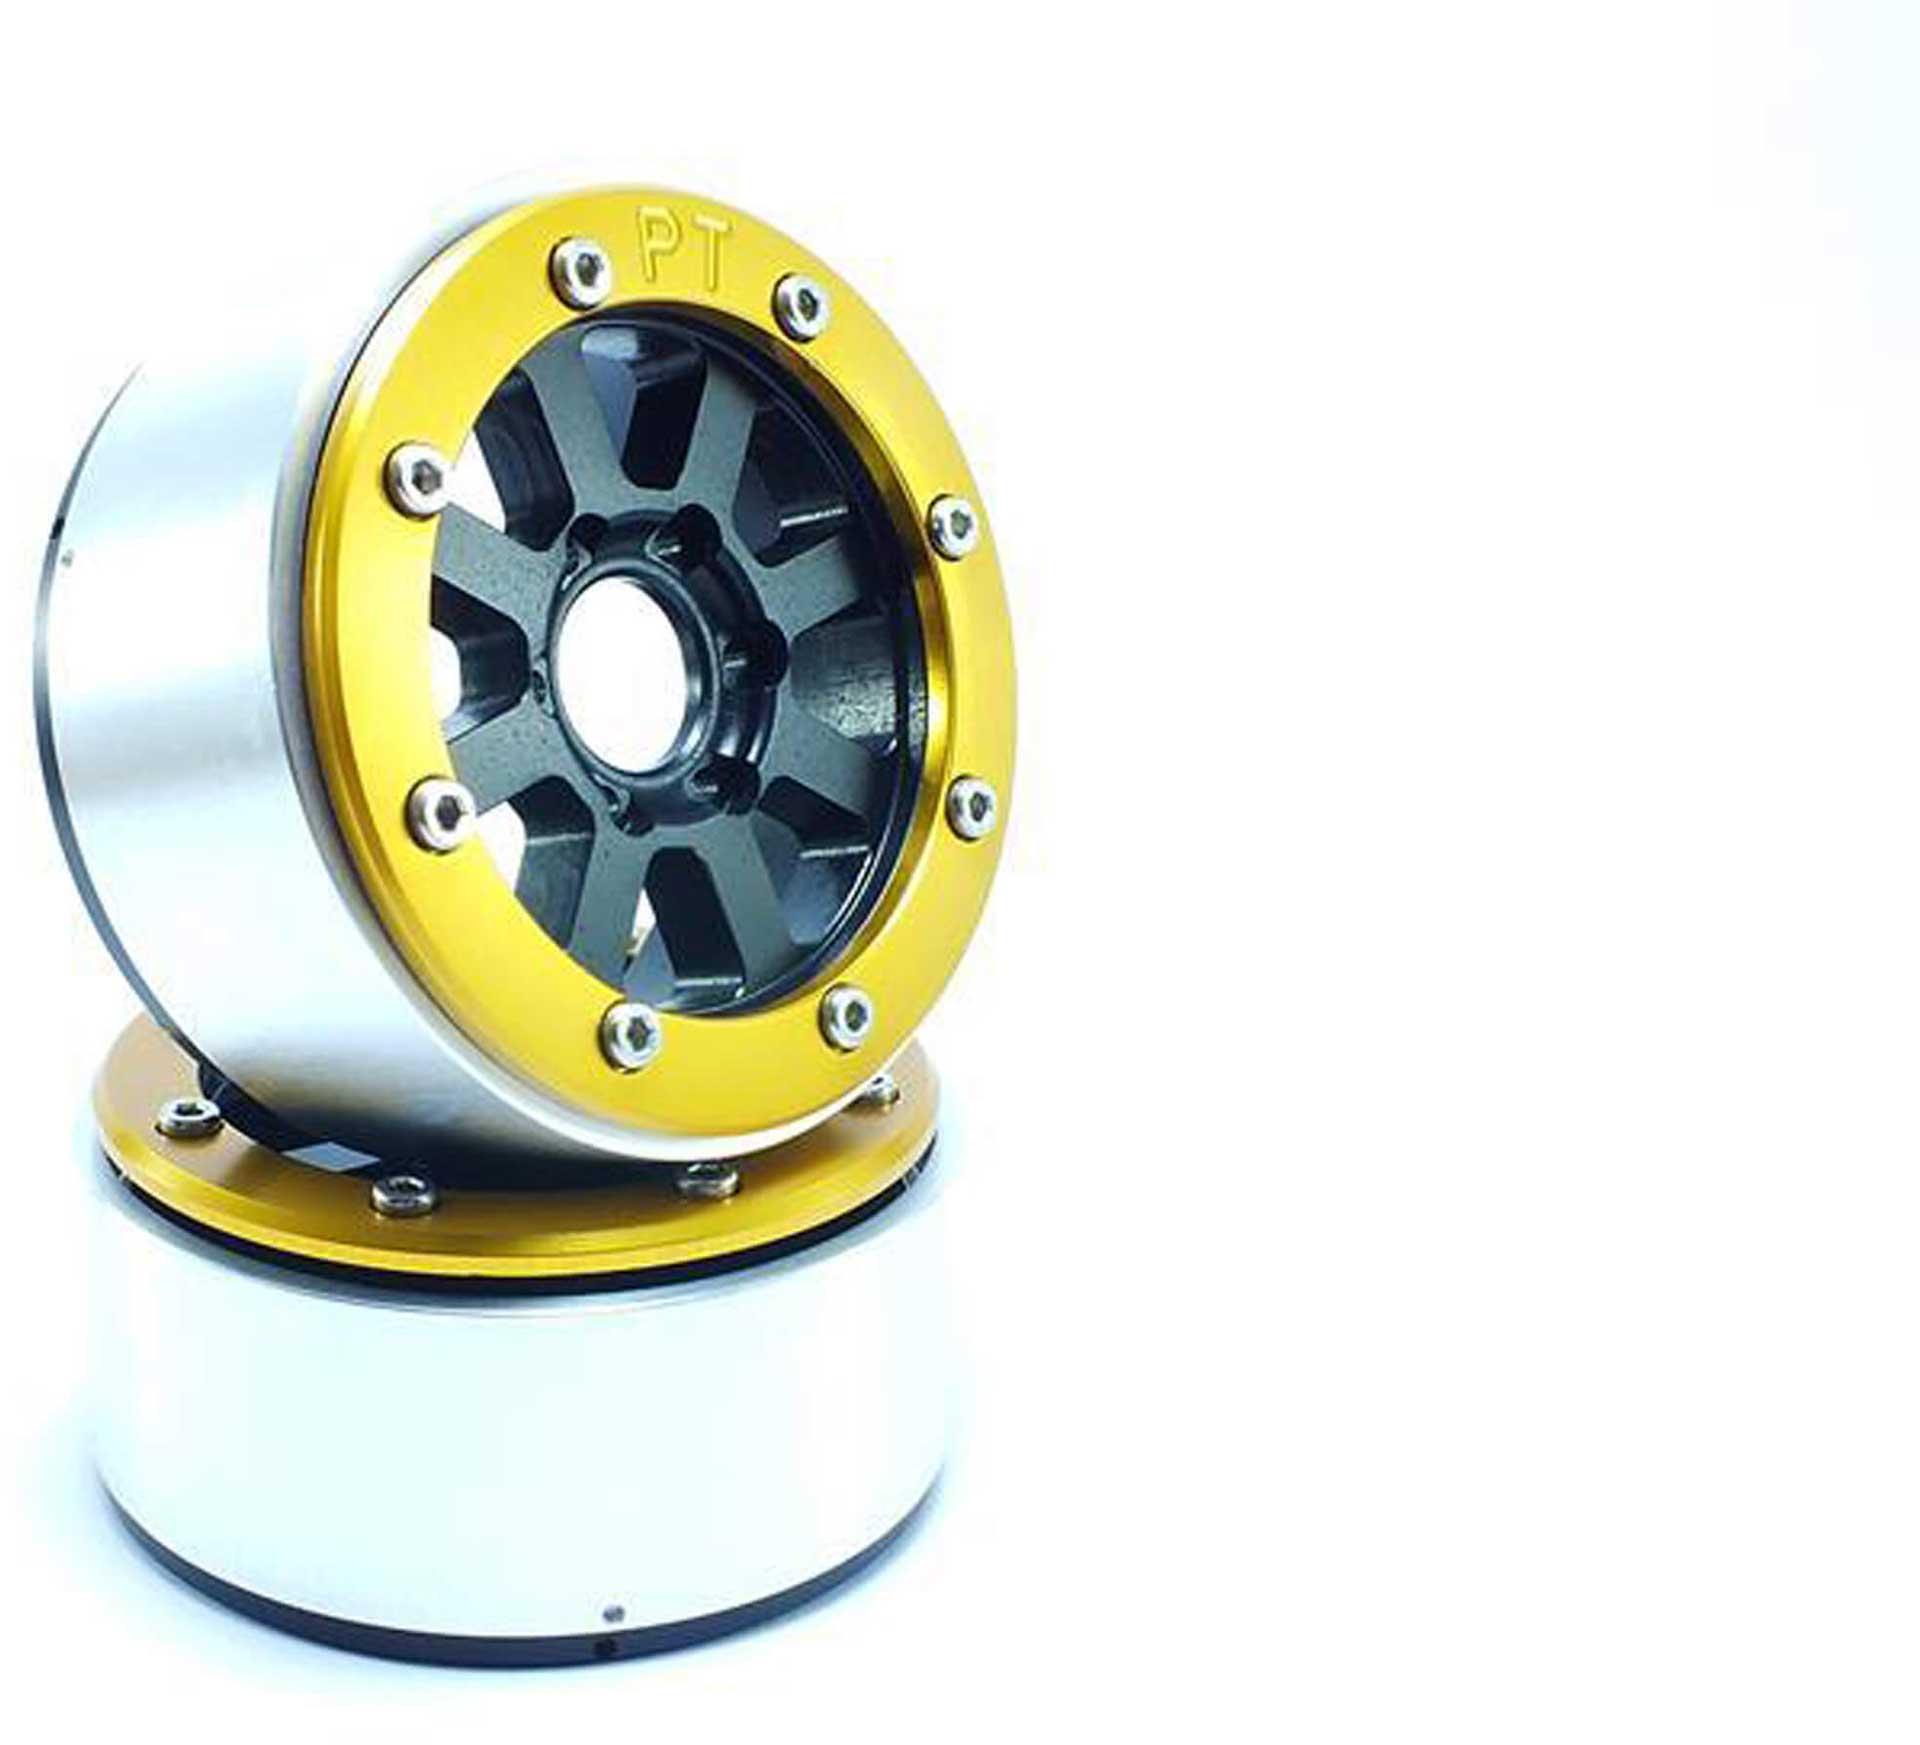 Metsafil Beadlock Wheels HAMMER schwarz/gold 1.9 (2 St.) ohne Radnabe